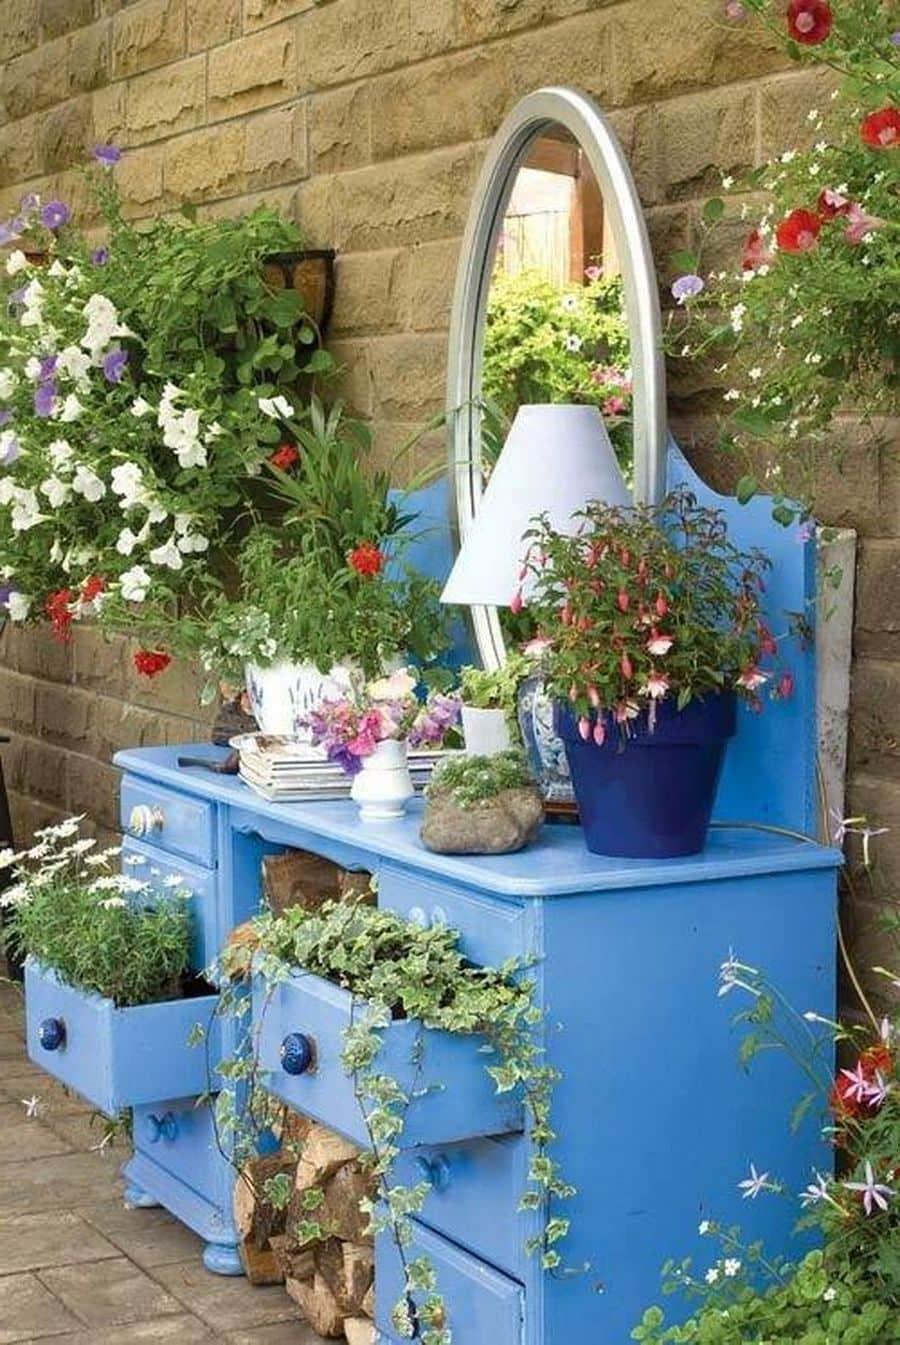 Старый синий комод стал прекрасным домом для зеленых питомцев